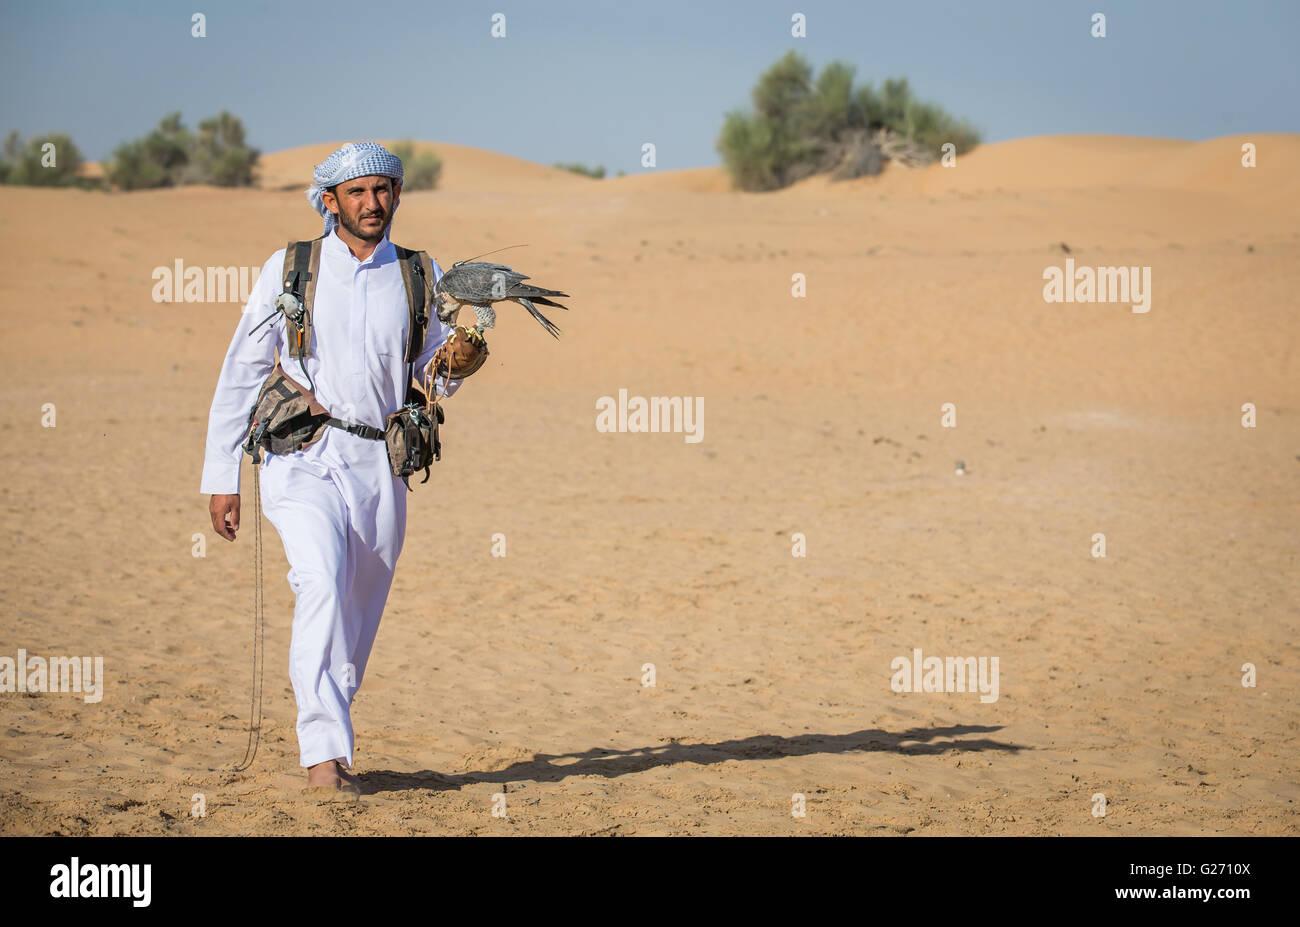 Uomo arabo a camminare in un deserto vicino a Dubai con un falco pellegrino sulla sua mano Immagini Stock